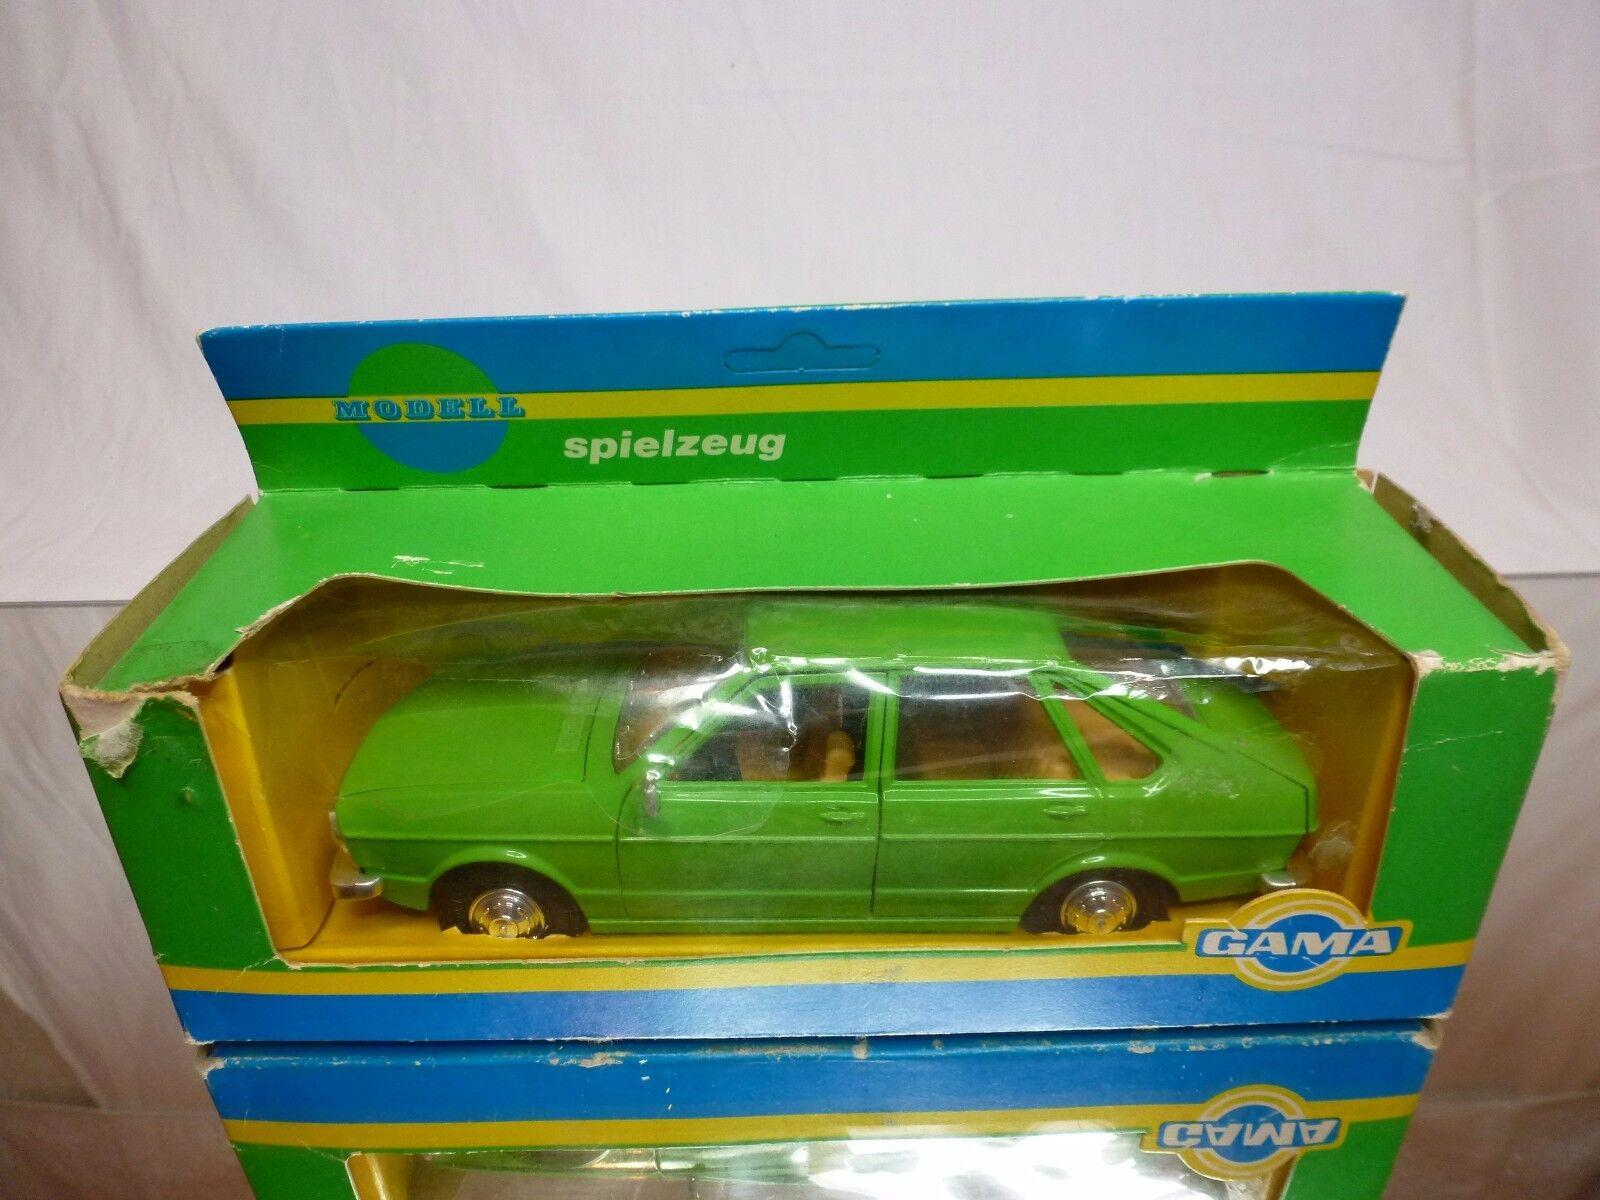 GAMA 444 VW VOLKSWAGEN PASSAT TS - vert 1 24 - GOOD CONDITION IN BOX